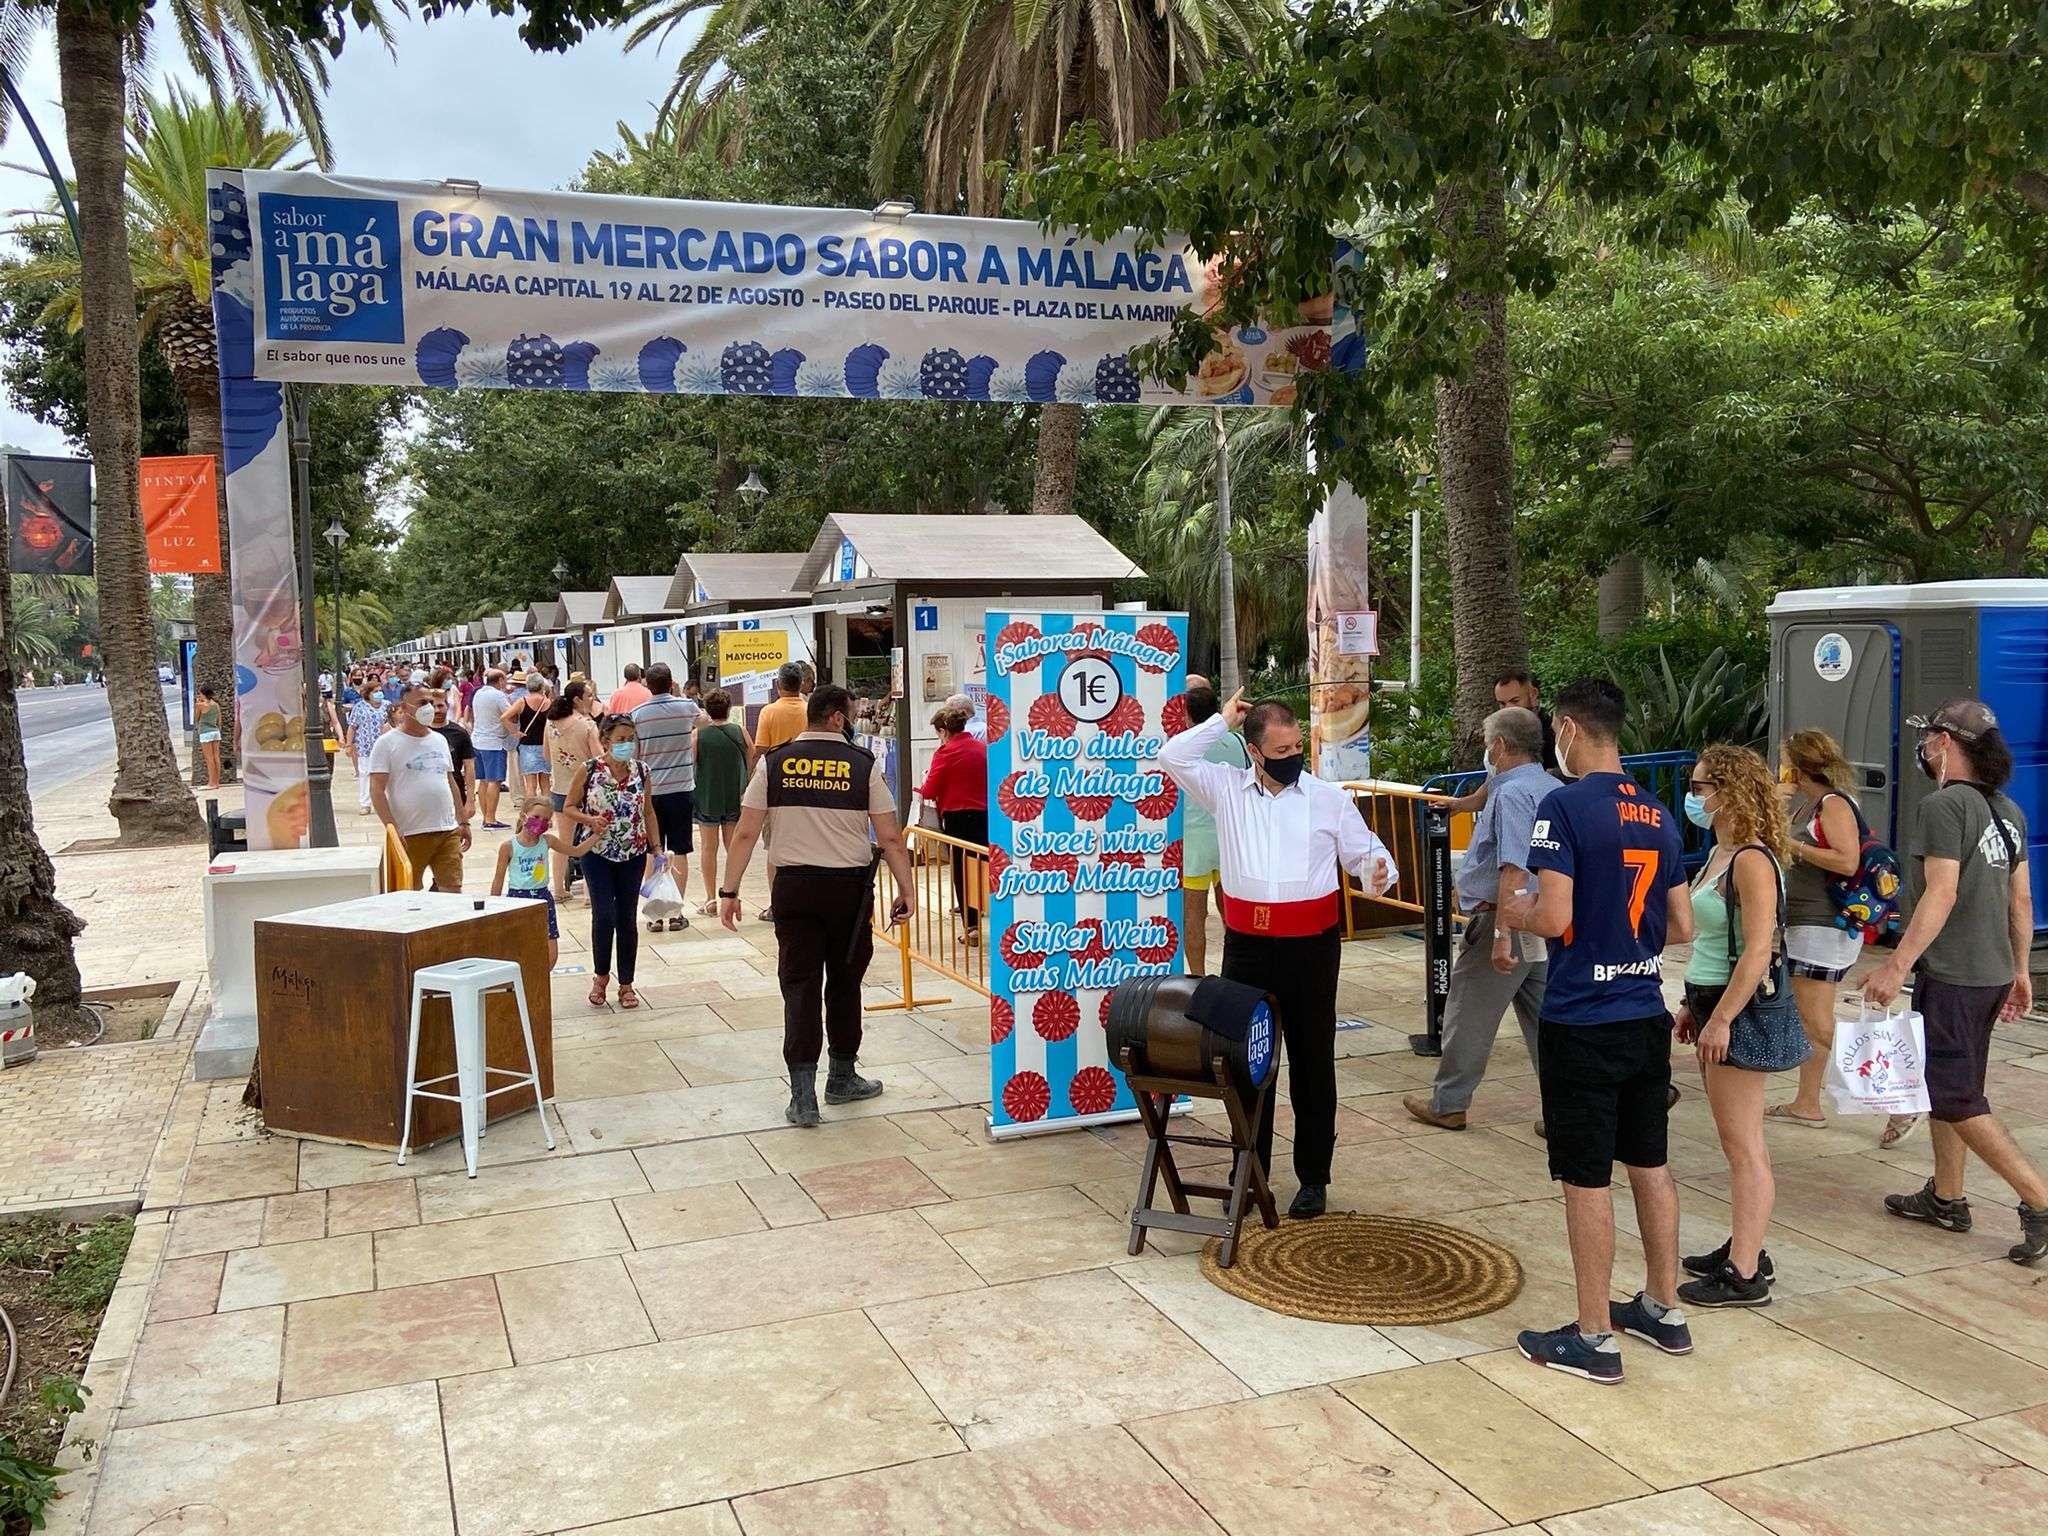 Se ha consolidado como un atractivo turístico más de la provincia de Málaga y volverá a celebrarse el próximo mes de diciembre.